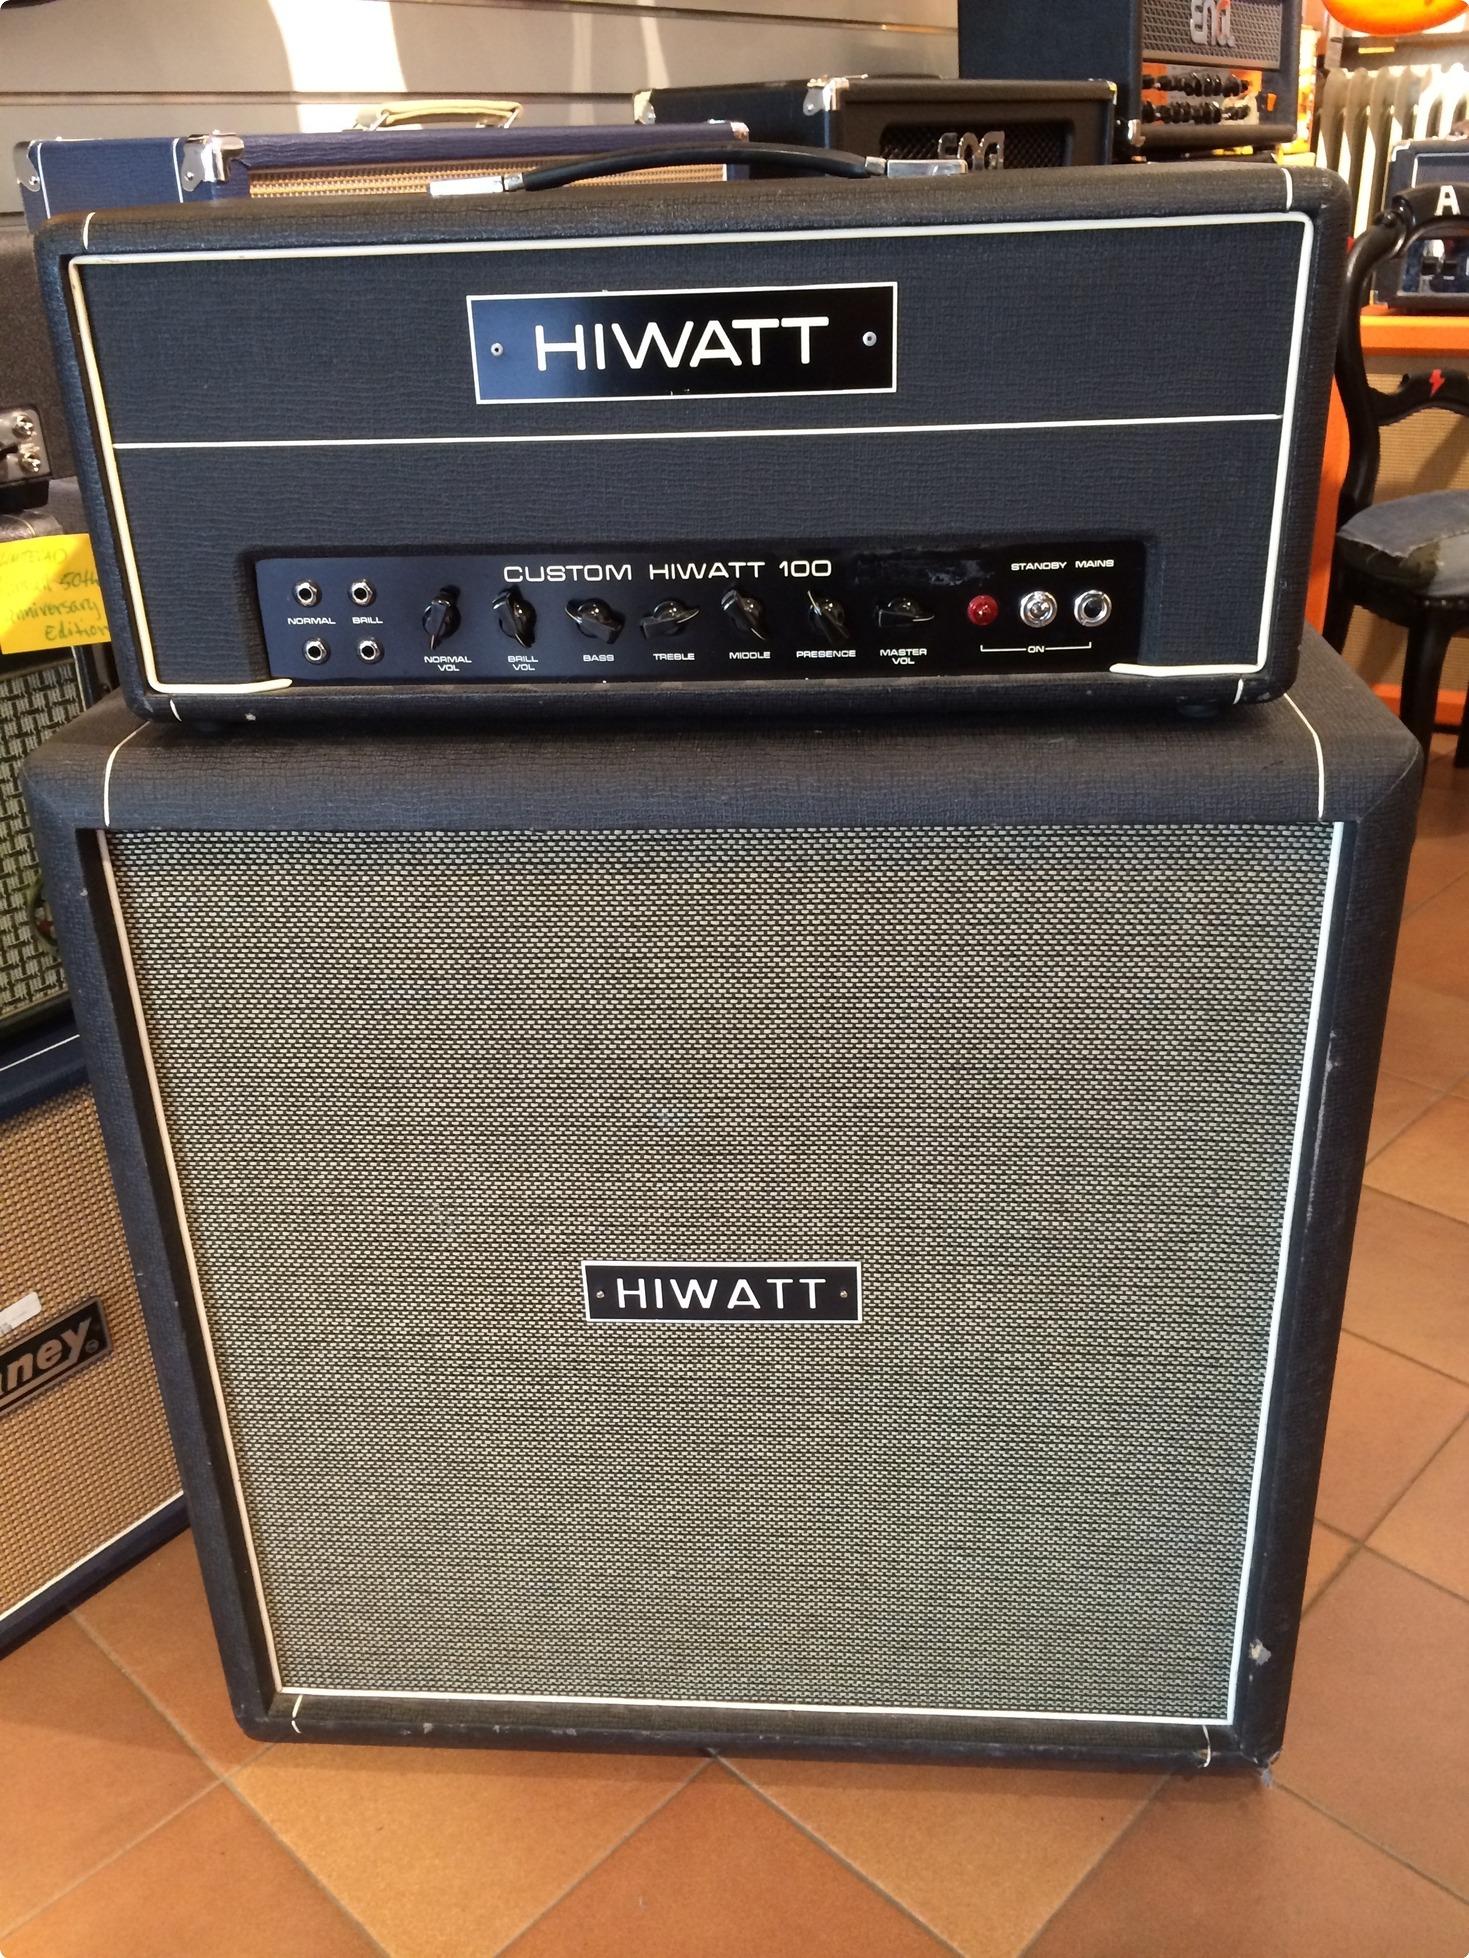 hiwatt dr 103 from 1970 1970 black amp for sale freddans musik. Black Bedroom Furniture Sets. Home Design Ideas